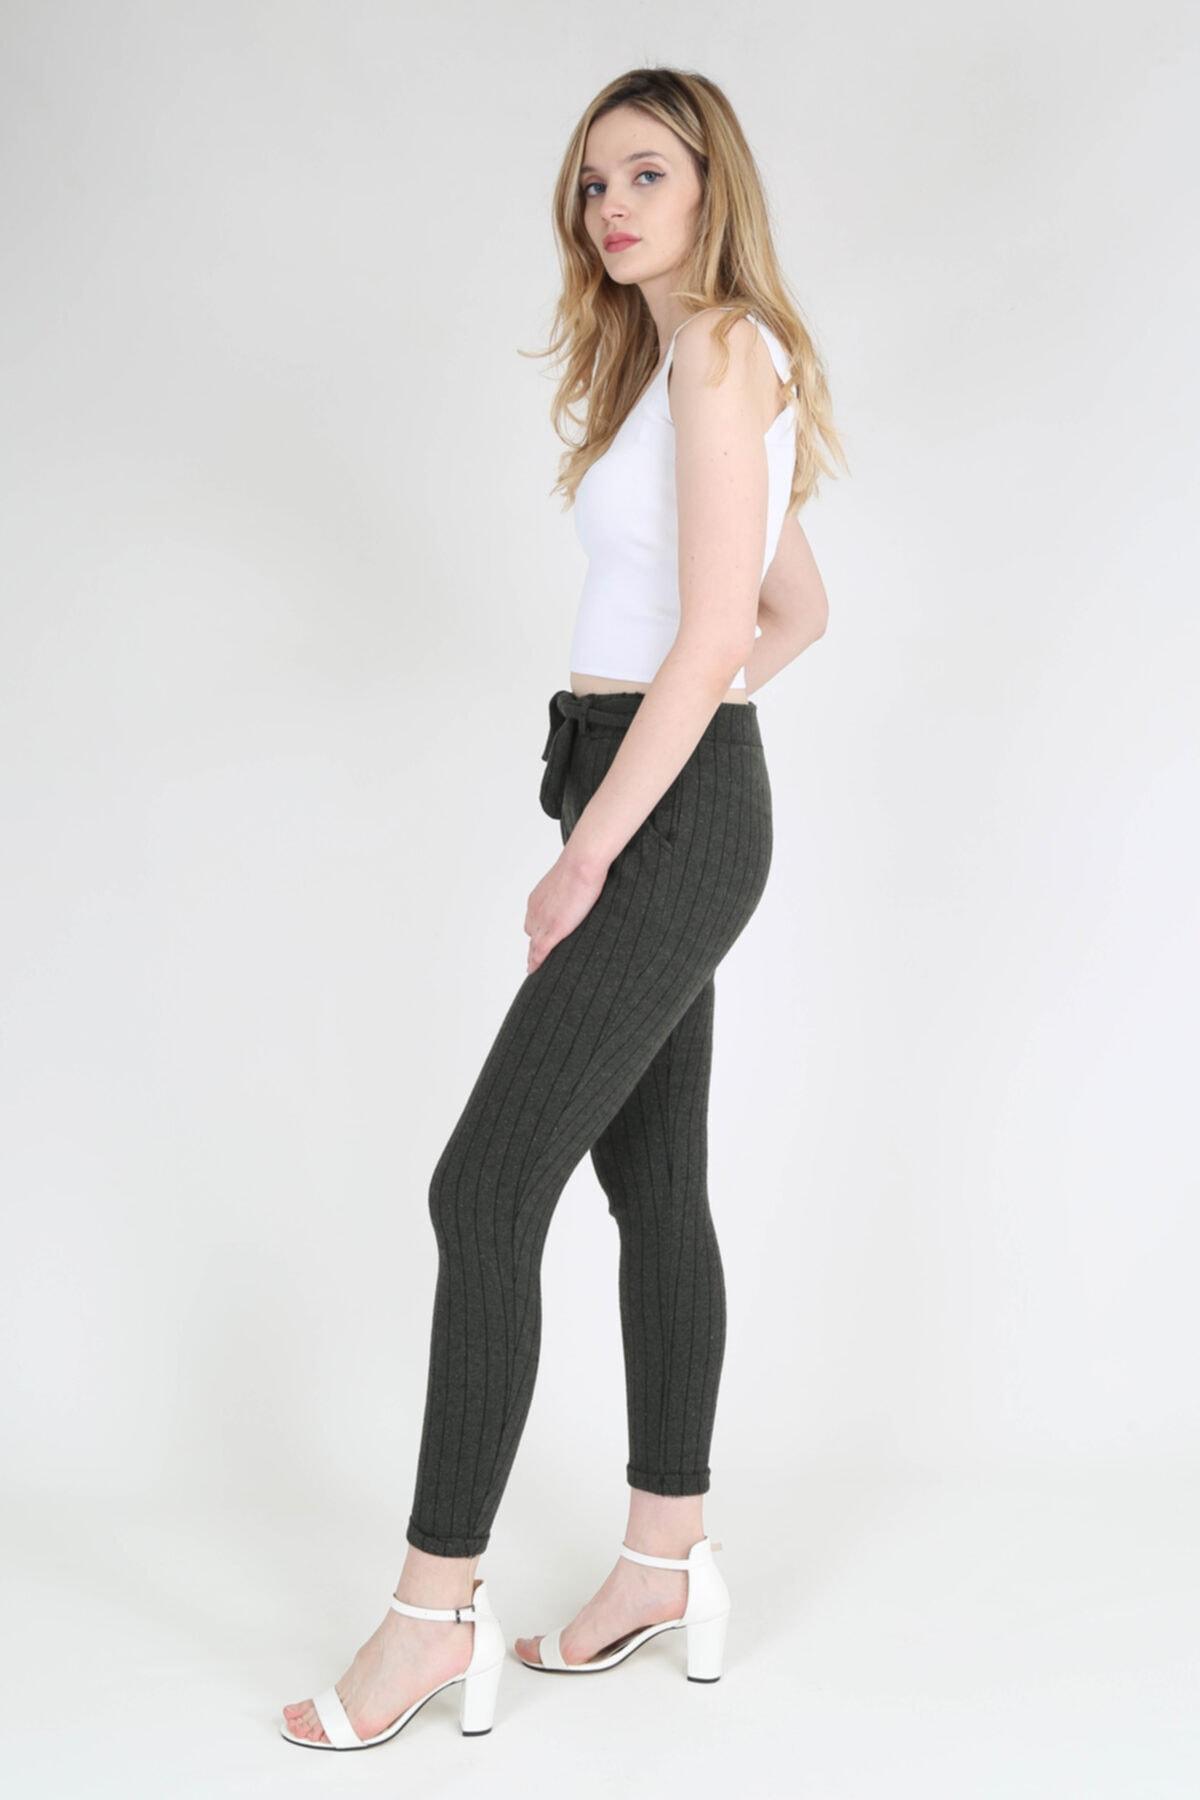 rubbyrush Kadın Haki Çizgili Pantolon Rb0133 2